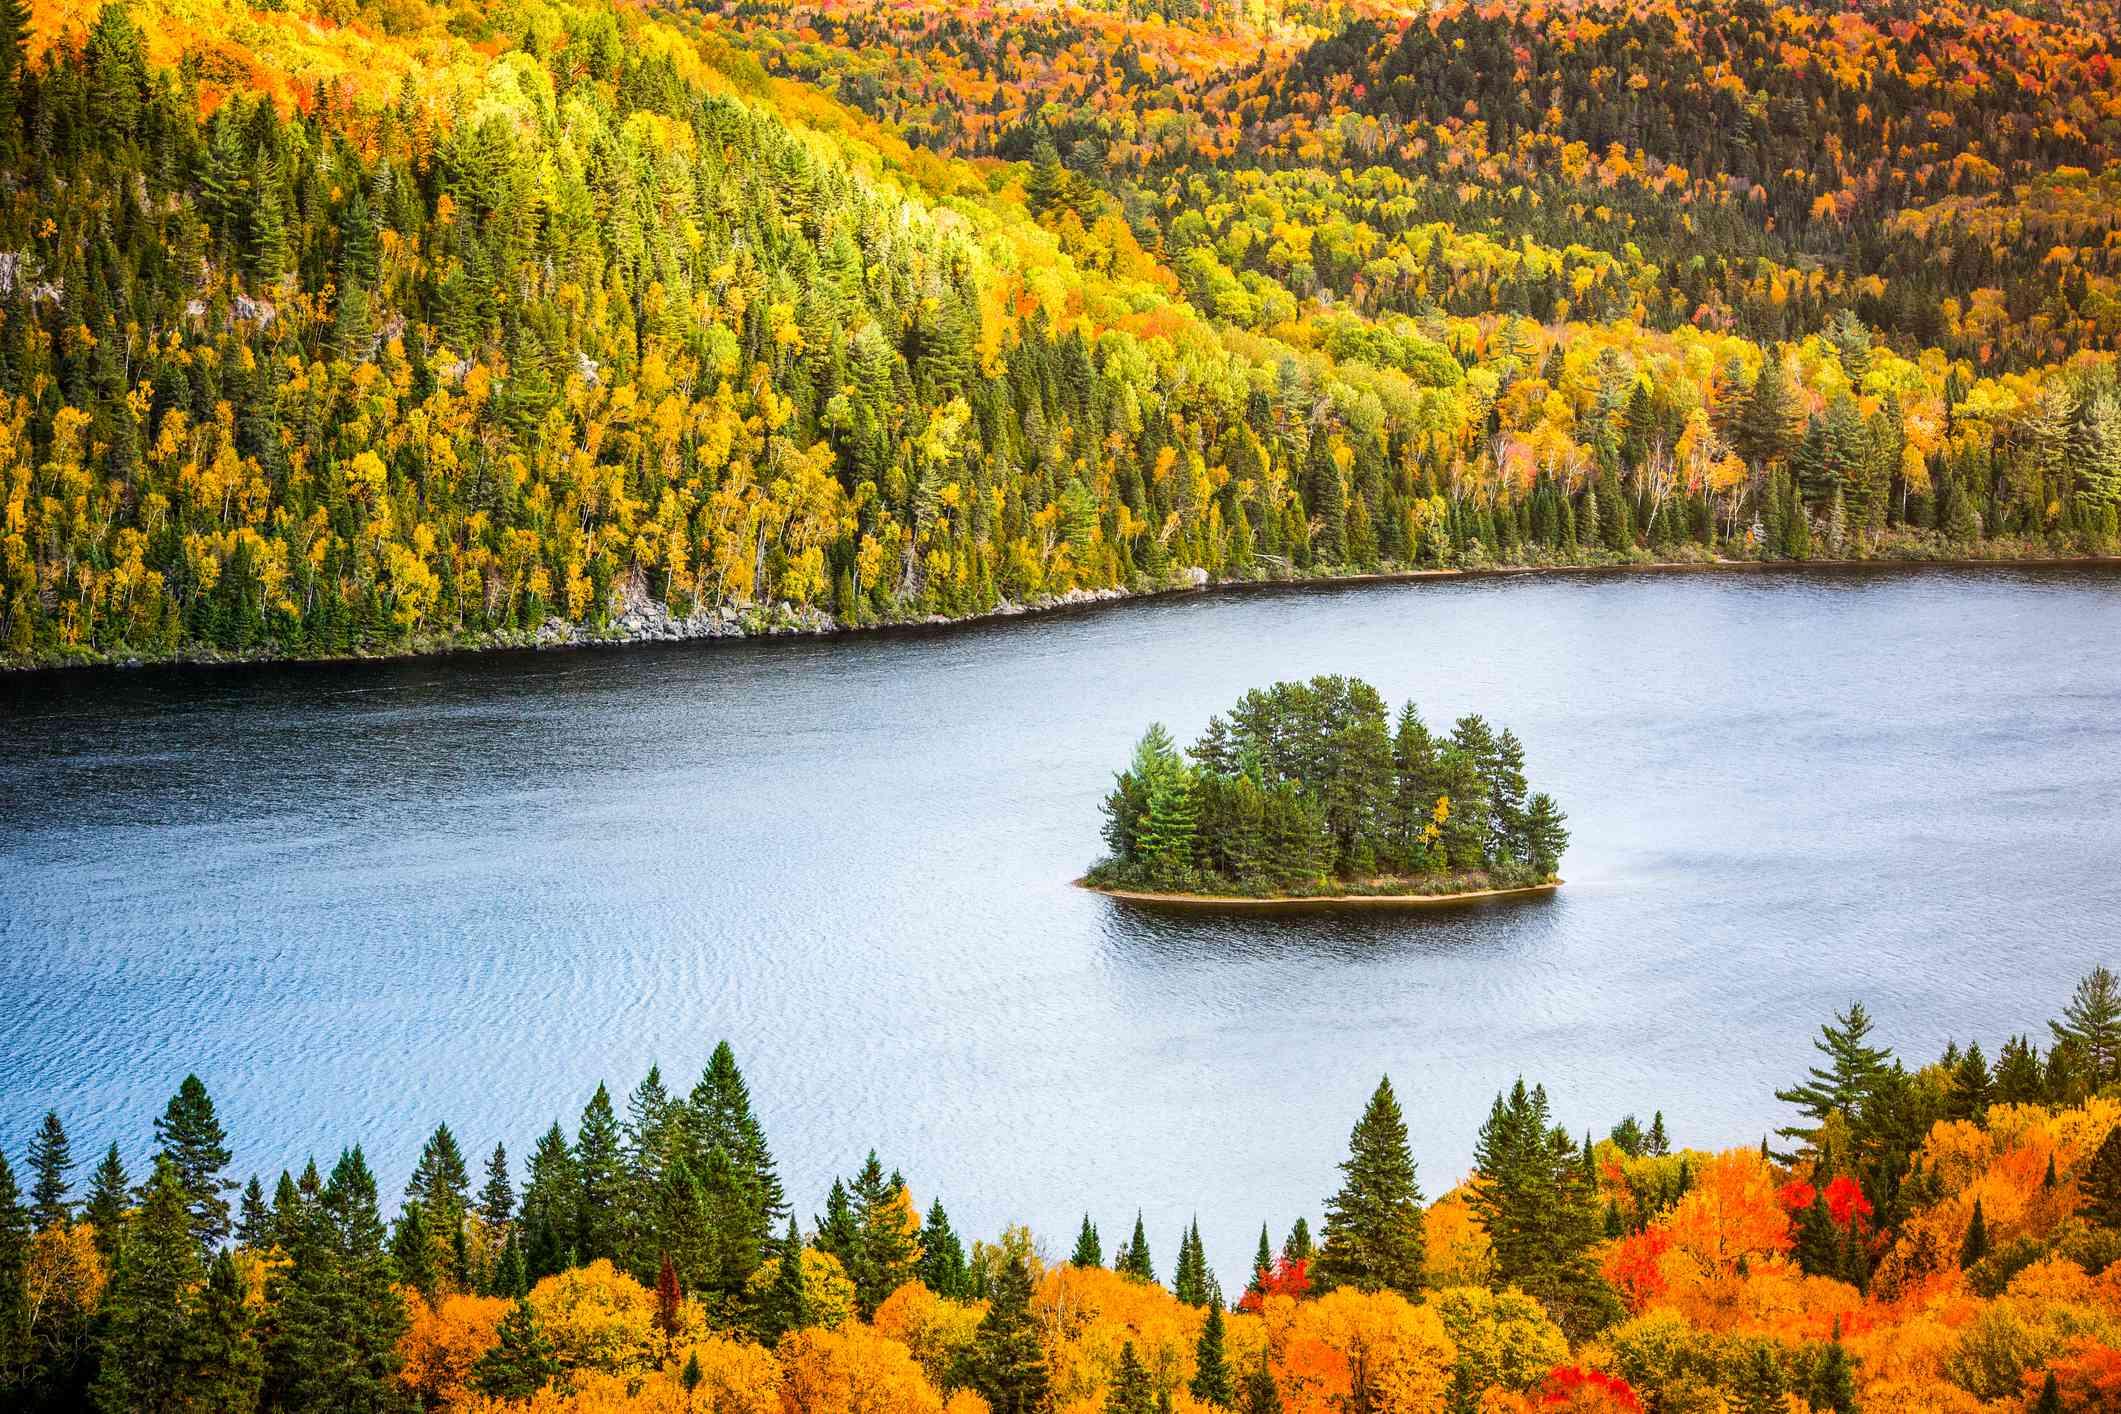 La Mauricie National Park Autumn colors